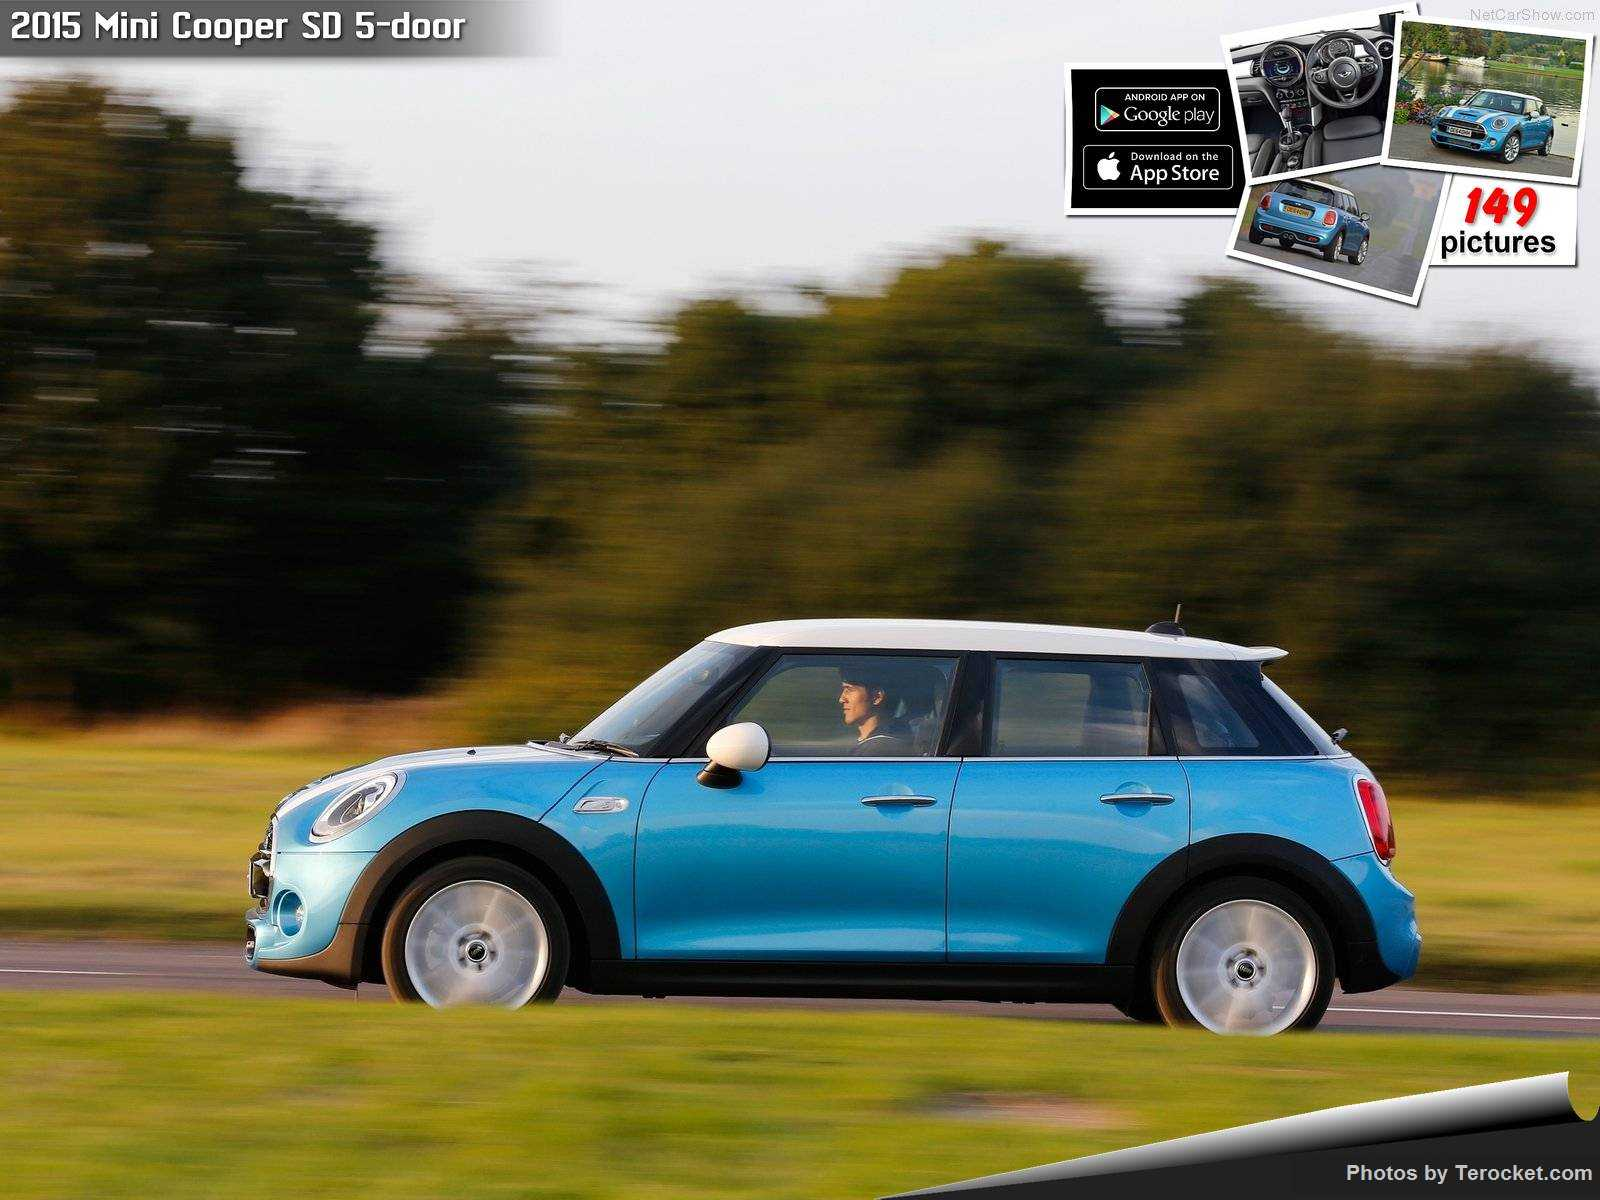 Hình ảnh xe ô tô Mini Cooper SD 5-door 2015 & nội ngoại thất